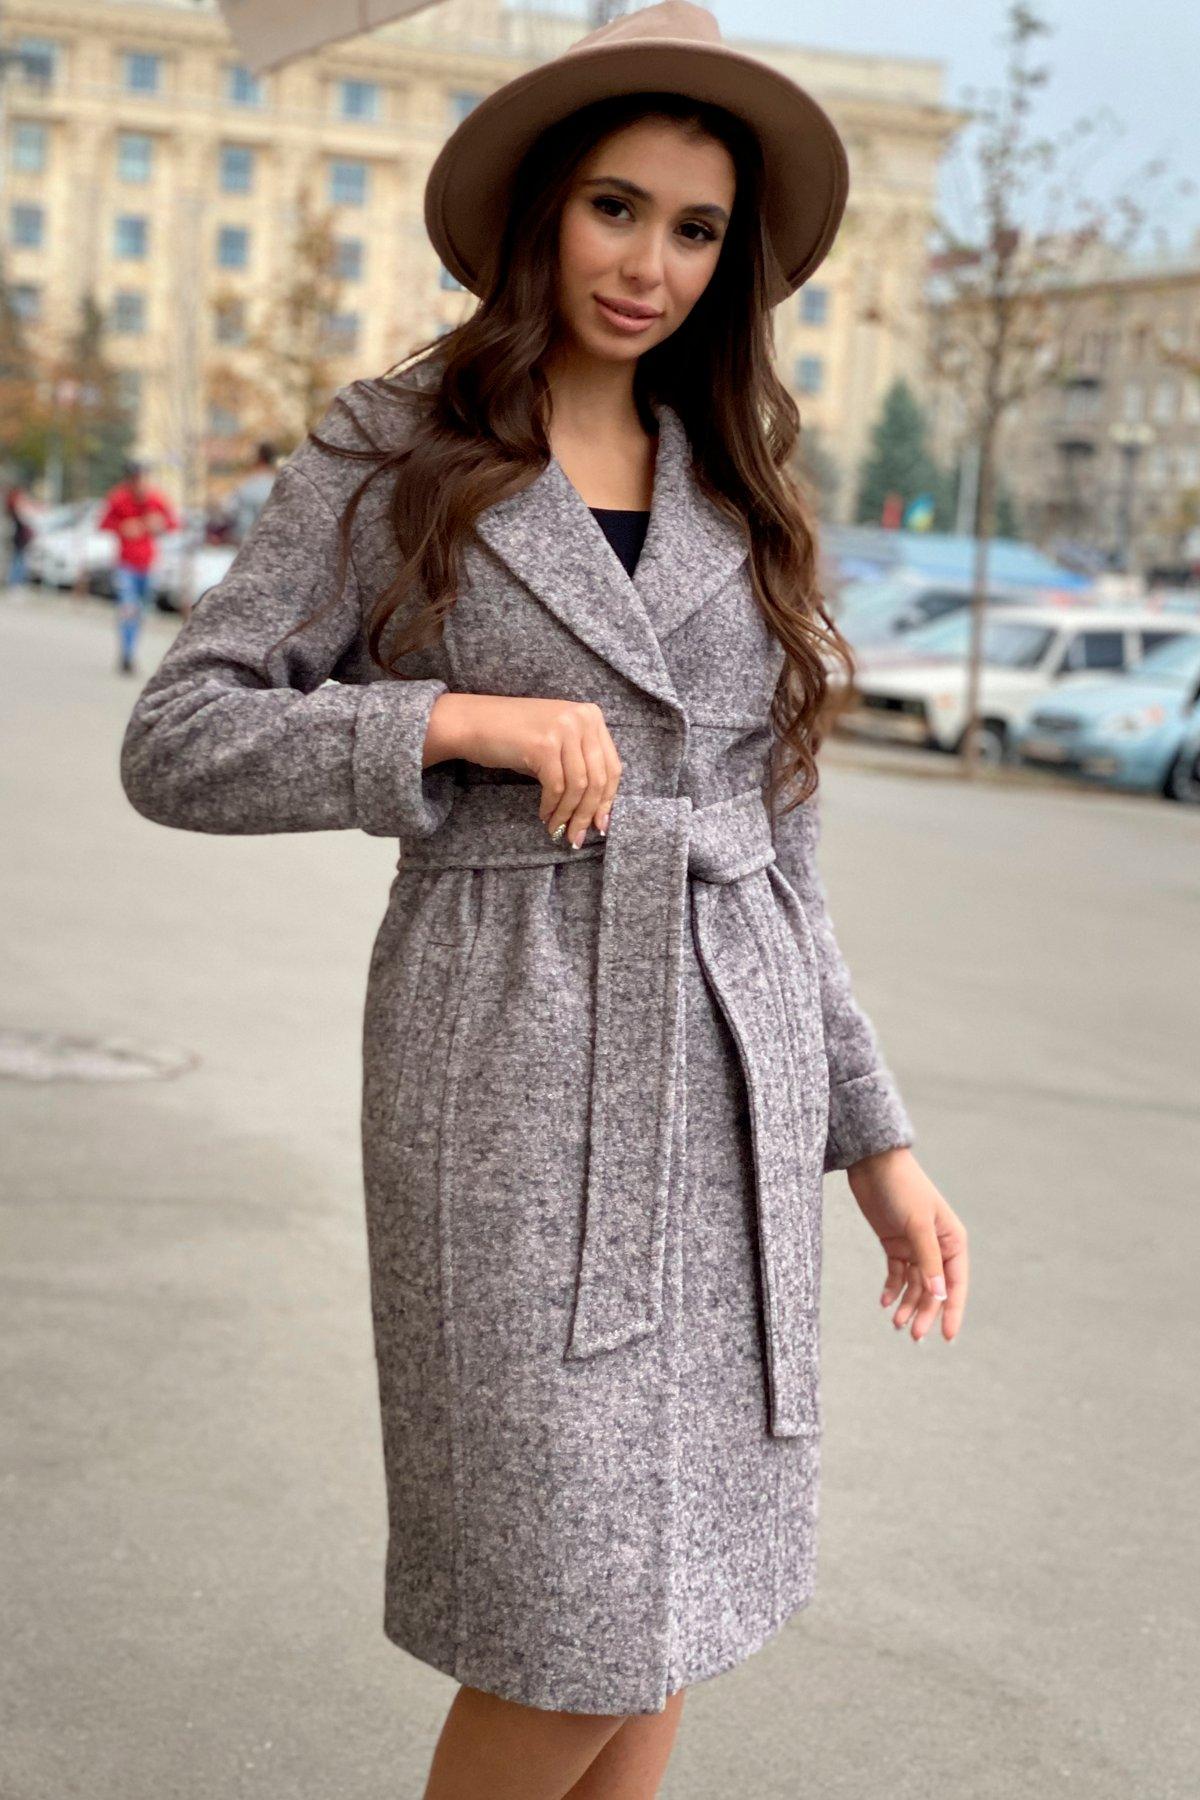 Пальто весна-осень c приспущенной линией плеча Фентези лайт 6365 АРТ. 41230 Цвет: Серо-розовый LW-25 - фото 8, интернет магазин tm-modus.ru